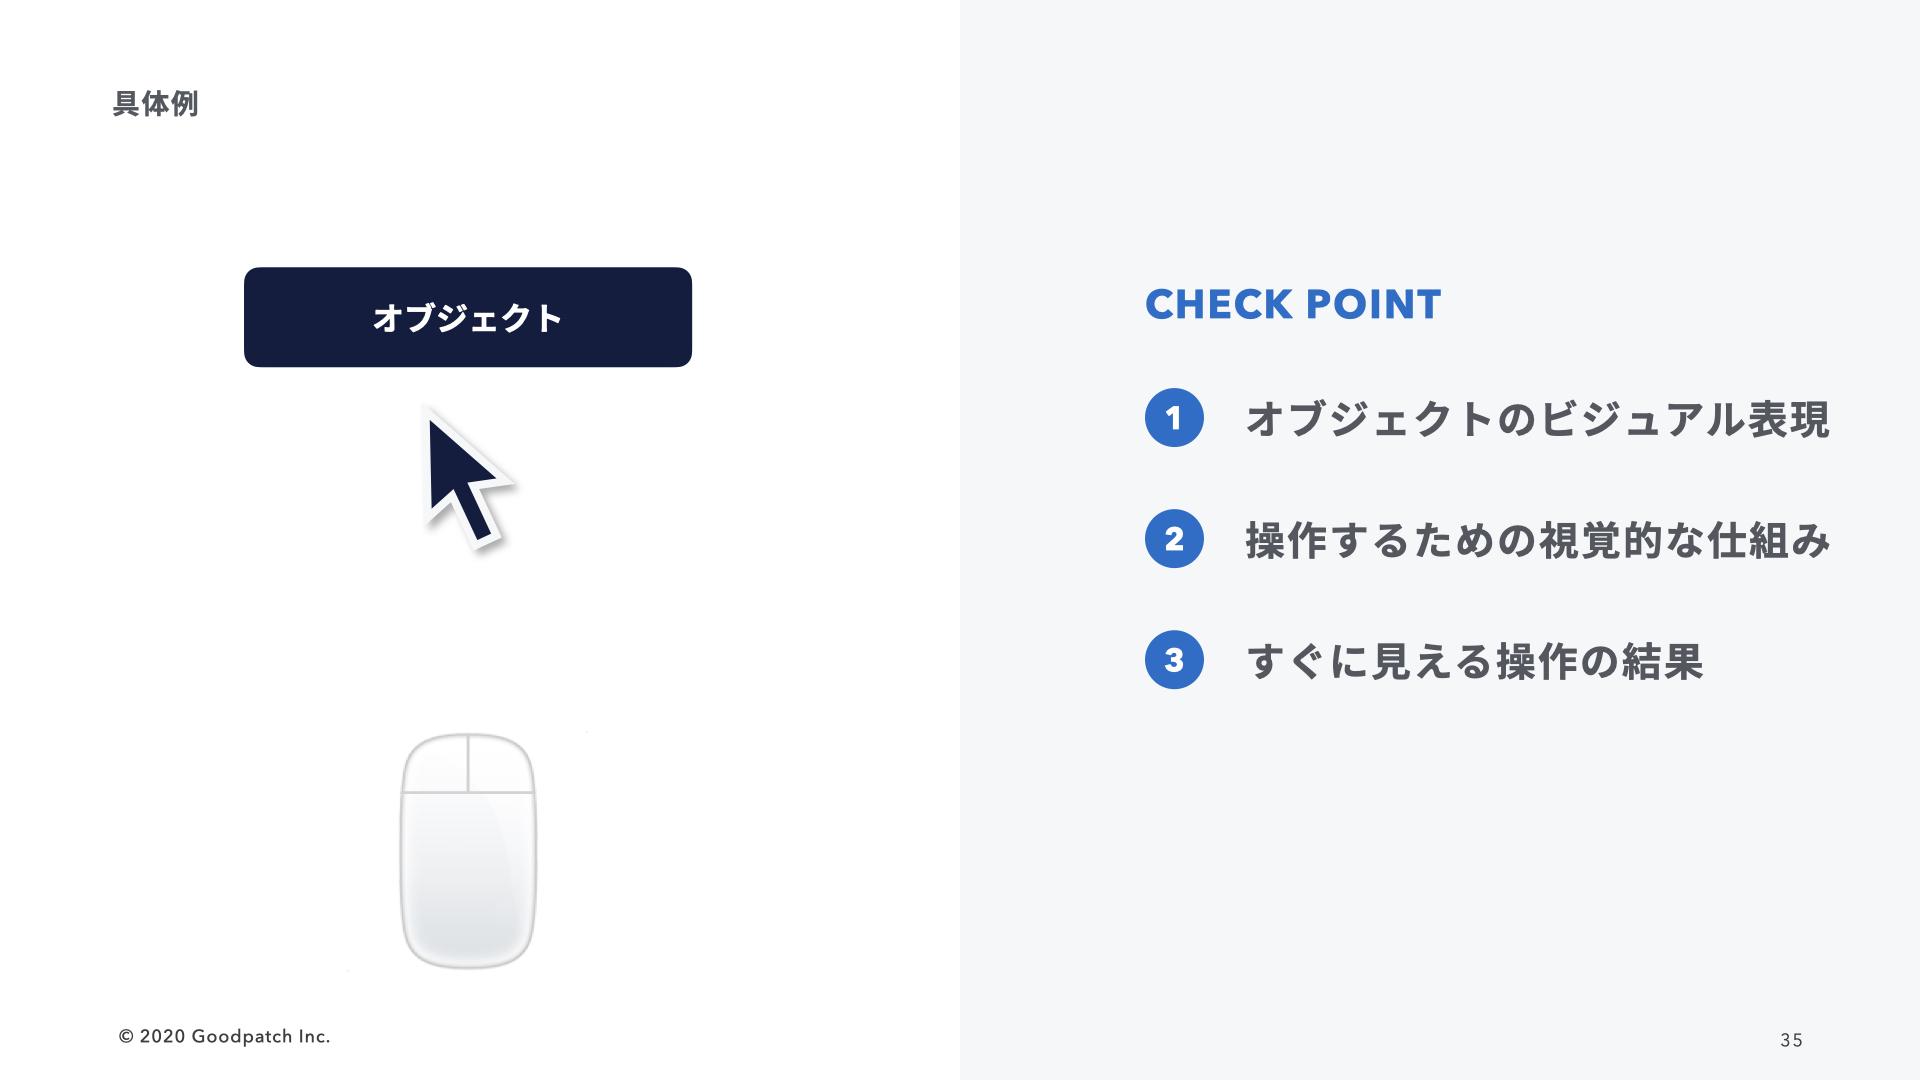 チェックポイント:オブジェクトのビジュアル表現、操作するための視覚的な仕組み、すぐに見える操作の結果